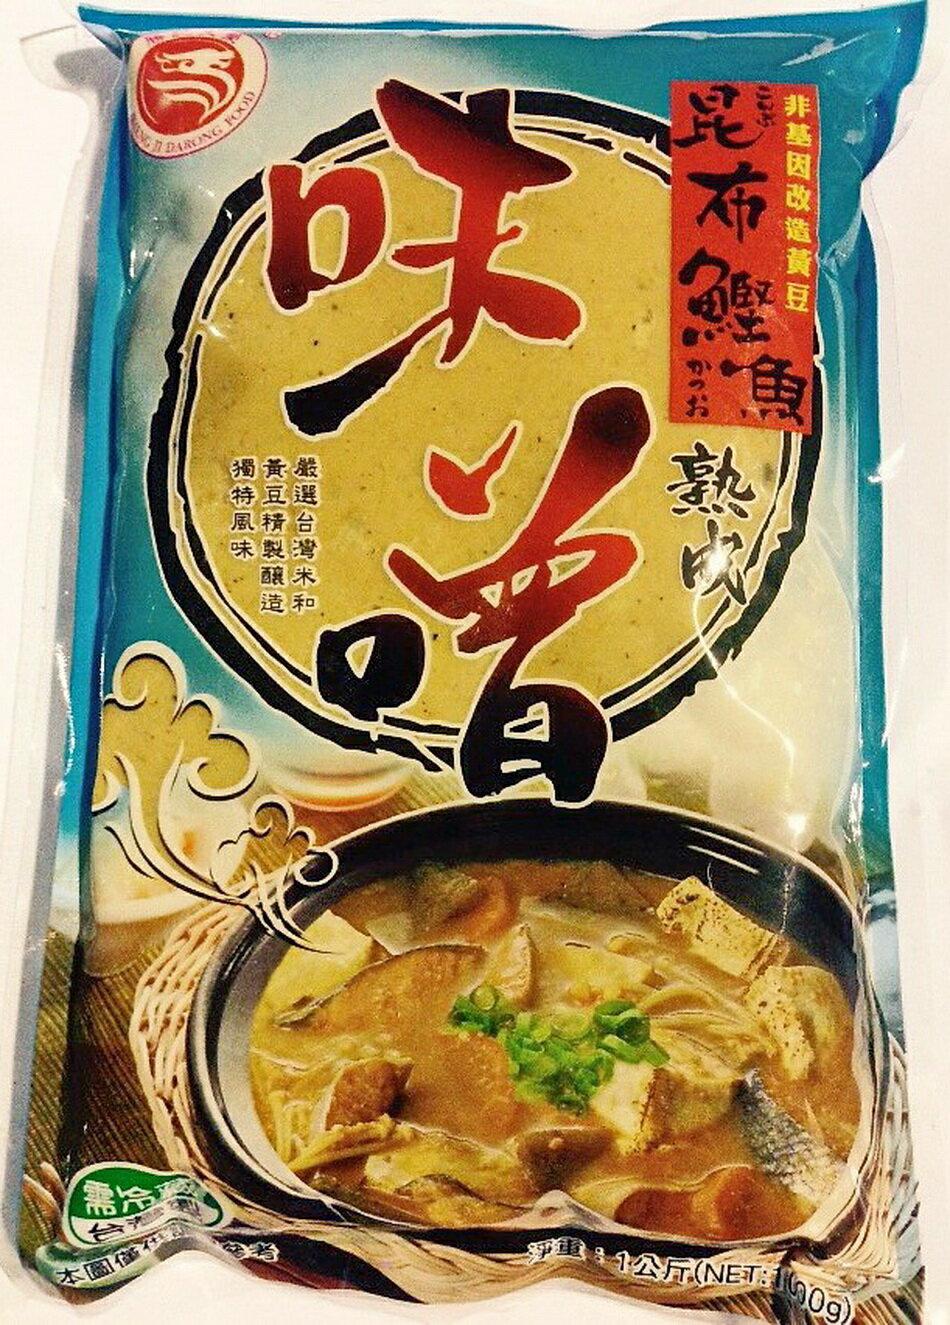 拌炒煮湯蒸燉大榮昆布鰹魚味噌1000g